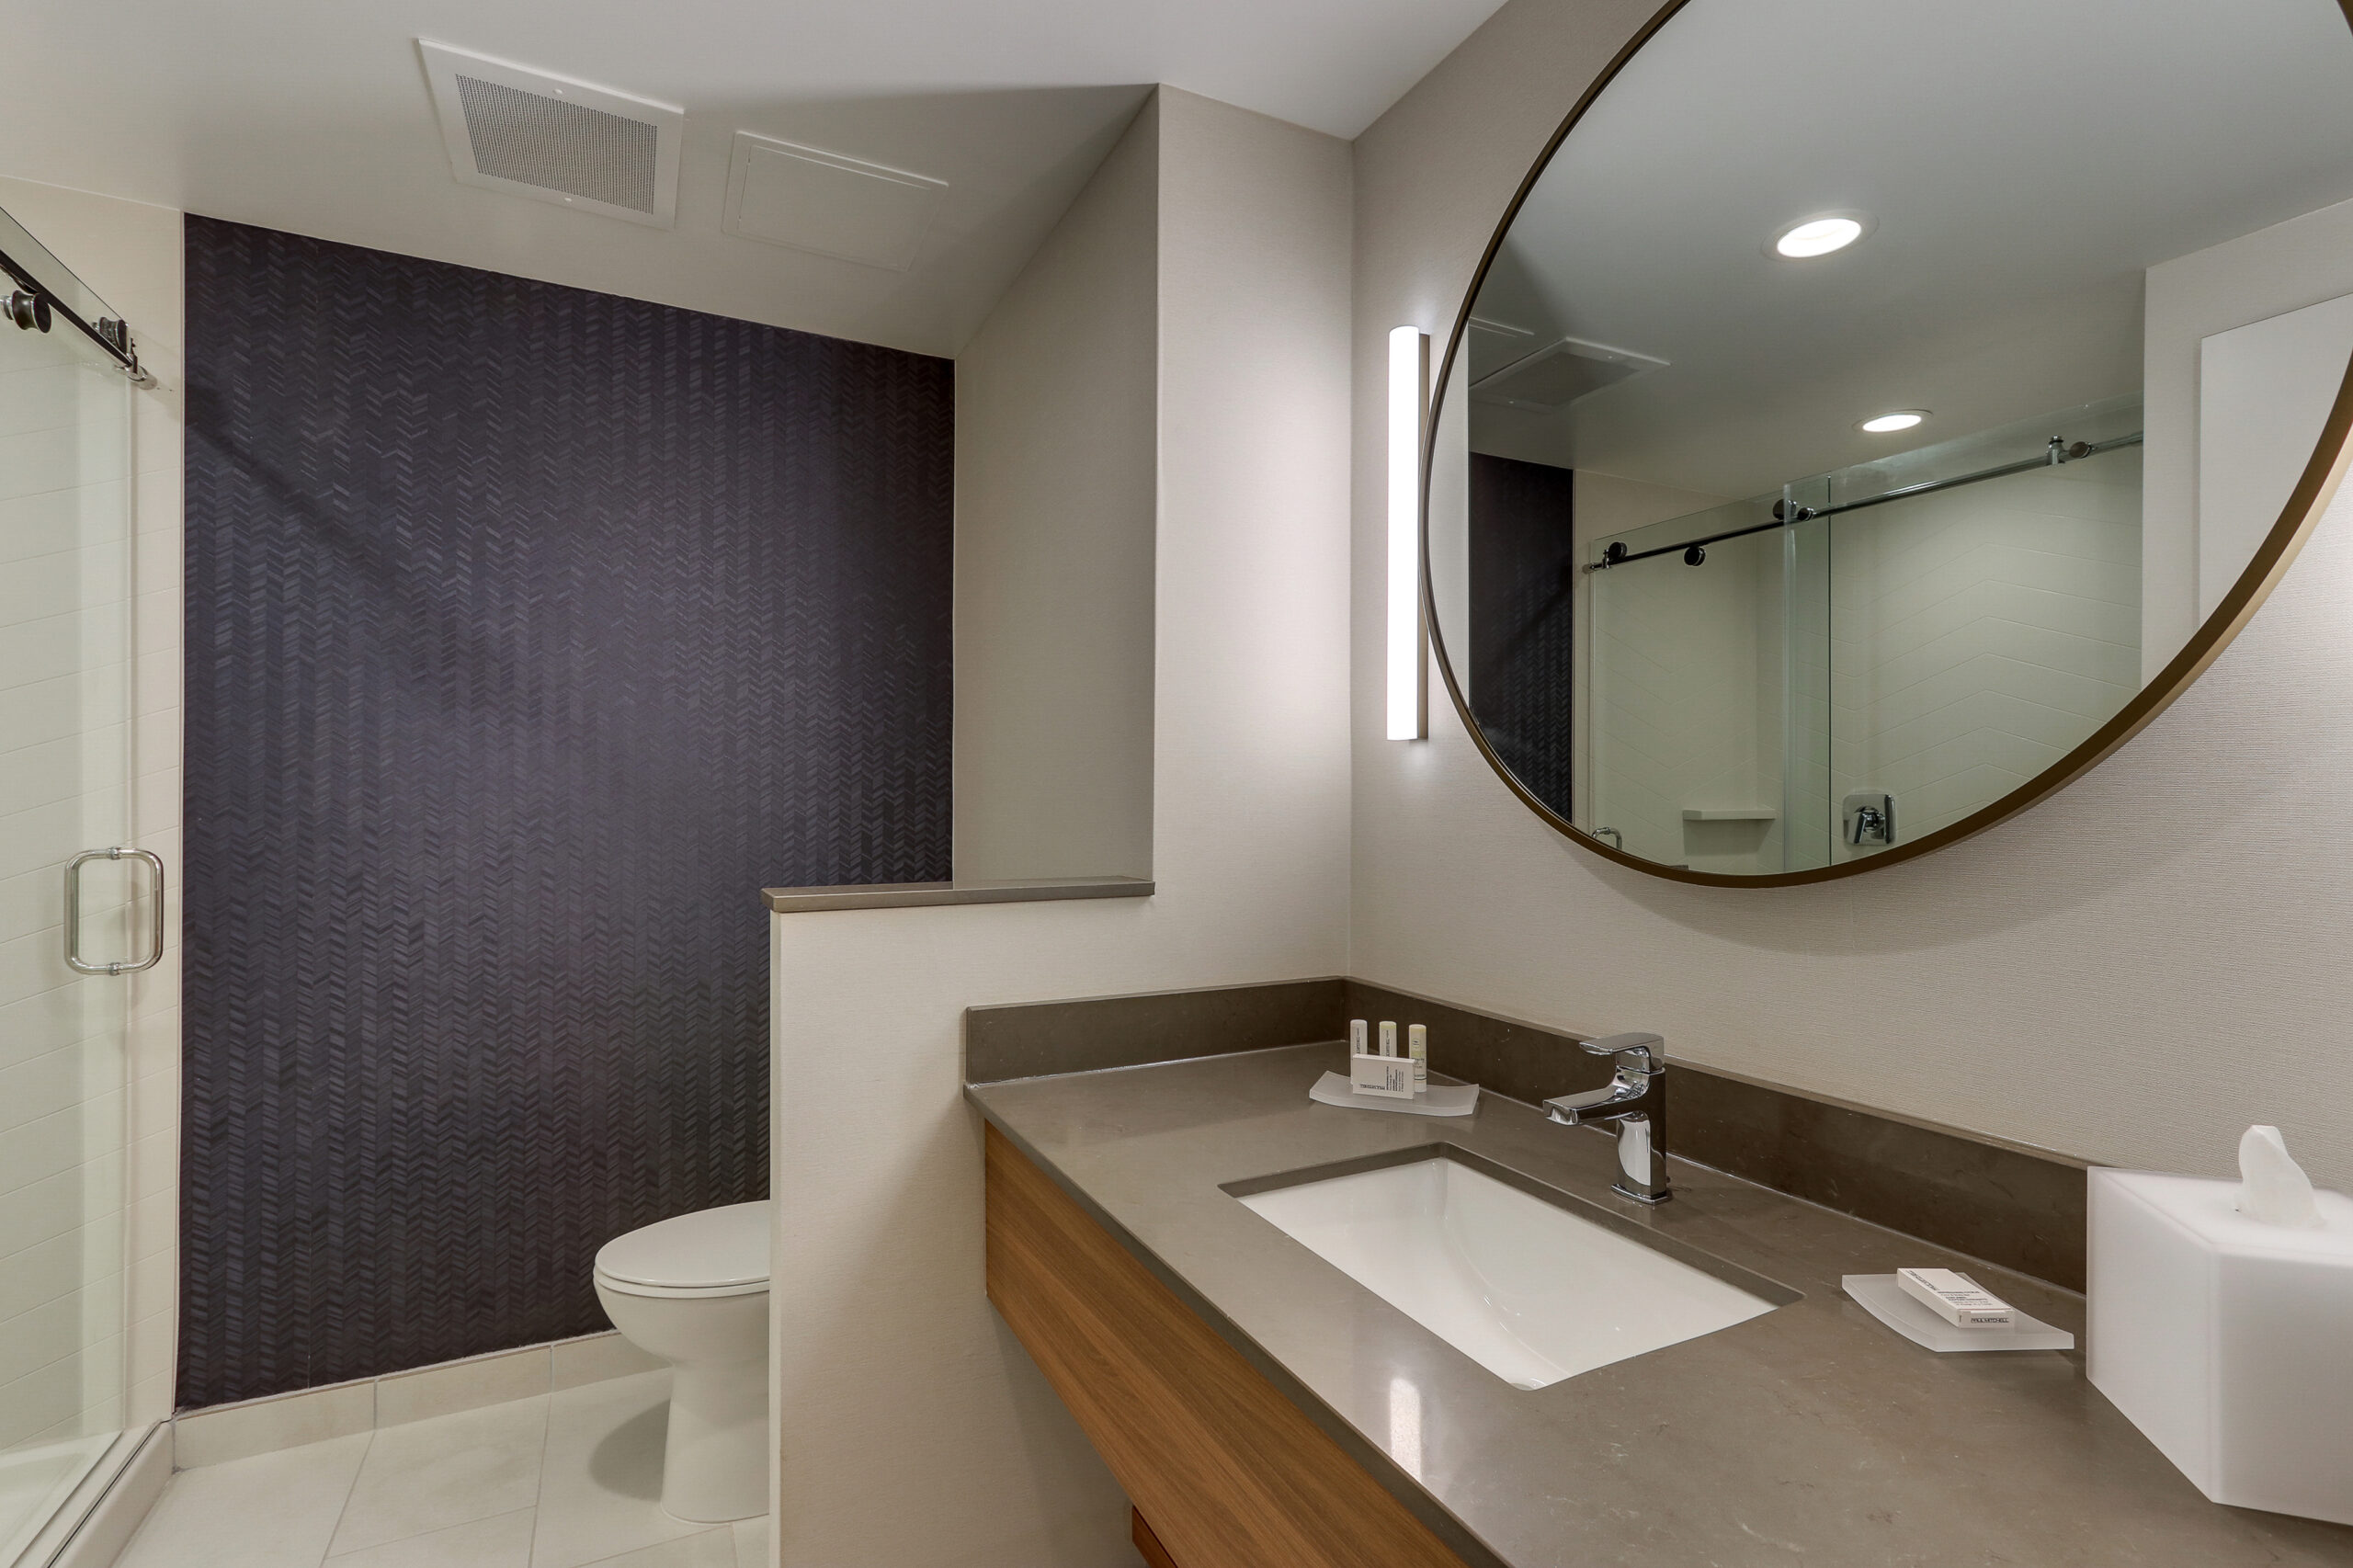 FF_AVLFW_Guest Bathroom 01